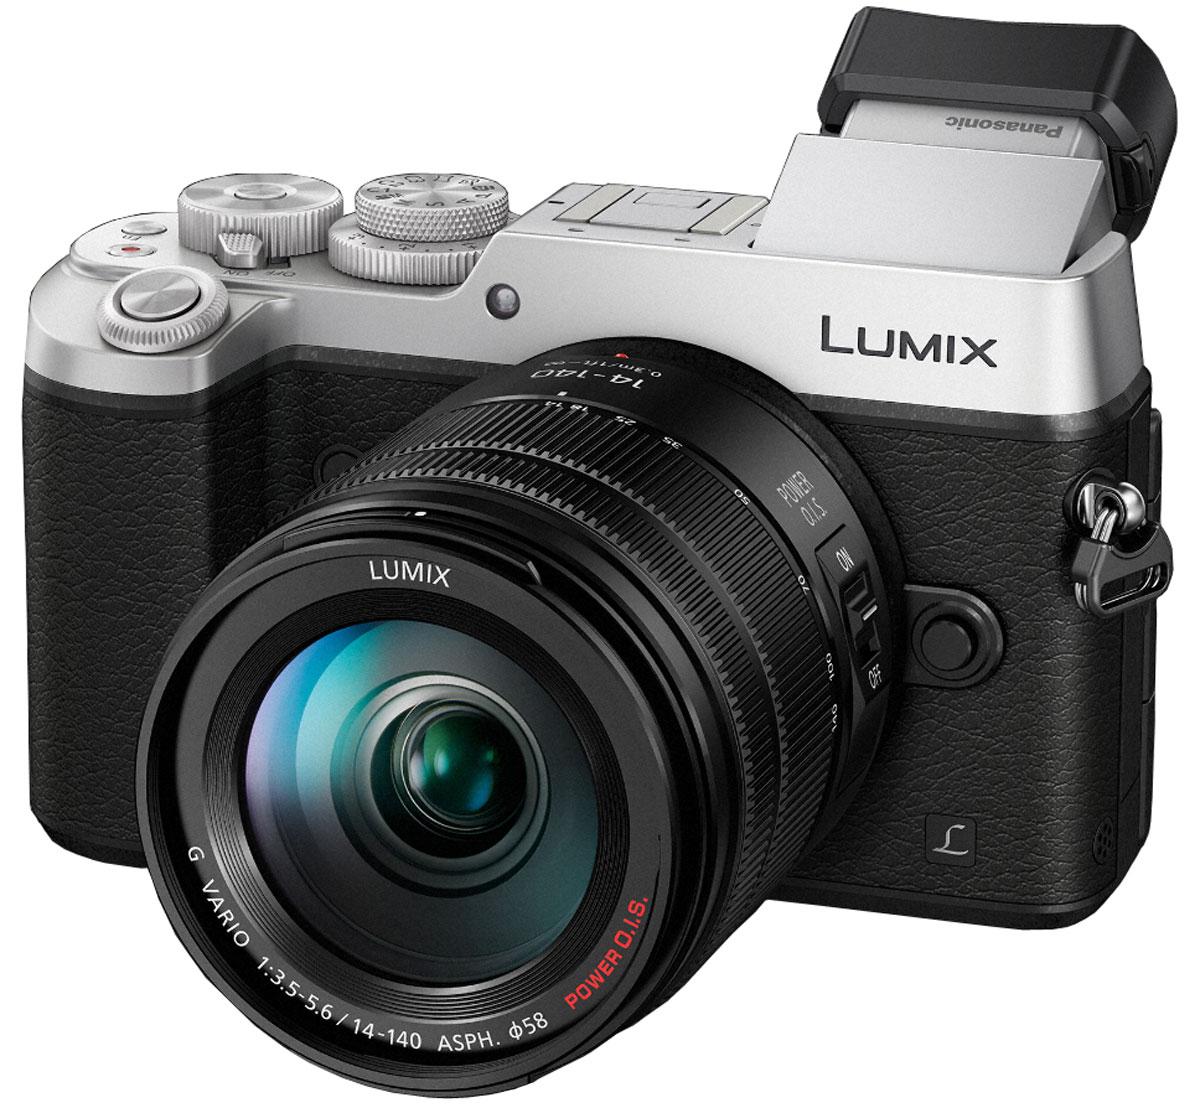 Panasonic Lumix DMC-GX8 Kit 14-140mm, Silver цифровая фотокамераDMC-GX8HEE-SКамера Panasonic Lumix DMC-GX8 оснащена 20,3-мегапиксельным сенсором, двойным стабилизатором изображения, функцией записи 4К видео и фото, что позволяет снимать объекты в наилучшем качестве. Тщательно разработанную конструкцию камеры оценят даже профессиональные фотографы. Модель оснащена двойным стабилизатором изображения Dual I.S. для еще более эффективной коррекции дрожания рук. Одновременная работа стабилизатора корпуса и объектива обеспечивает оптимальный эффект. Благодаря расширенному углу коррекции (до 3.5х) можно получать четкие снимки при съемке с рук даже в условиях низкой освещенности. Фотокамера оснащена новым 20.3-мегапиксельным сенсором Digital Live MOS, который обеспечивает наилучшее качество изображения в истории цифровых камер линейки LUMIX G. Благодаря сенсору достигается высокоскоростная серийная съемка, высокочувствительная запись вплоть до ISO 25 600 и более широкий динамический диапазон. Сочетание сенсора Digital Live MOS и процессора Venus...